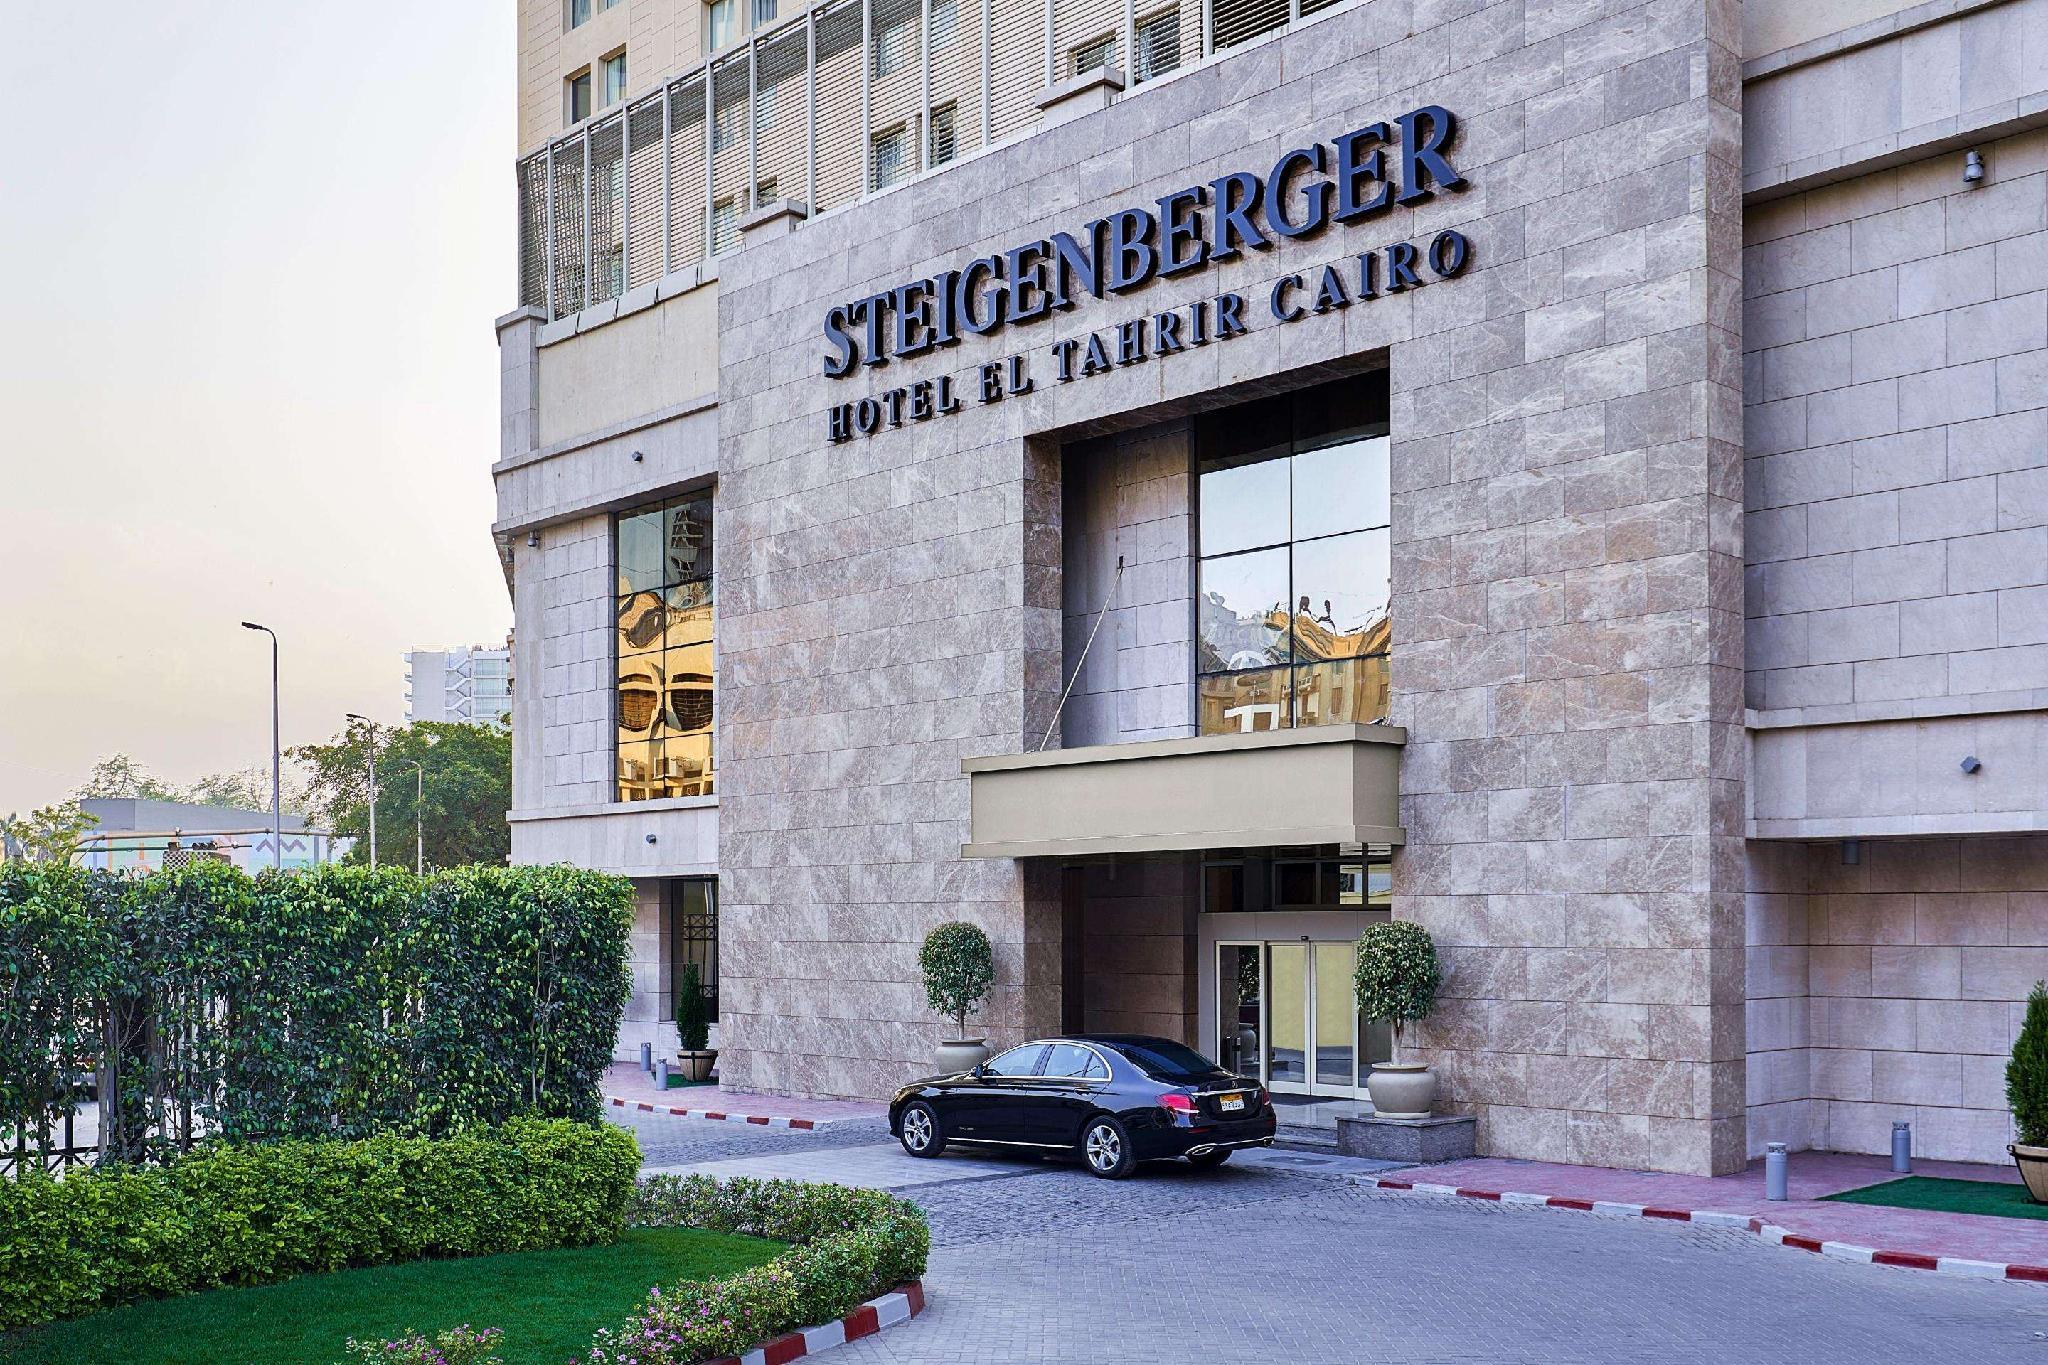 a372417a1 فندق ستيجنبرجر التحرير (Steigenberger Hotel El Tahrir) في ...